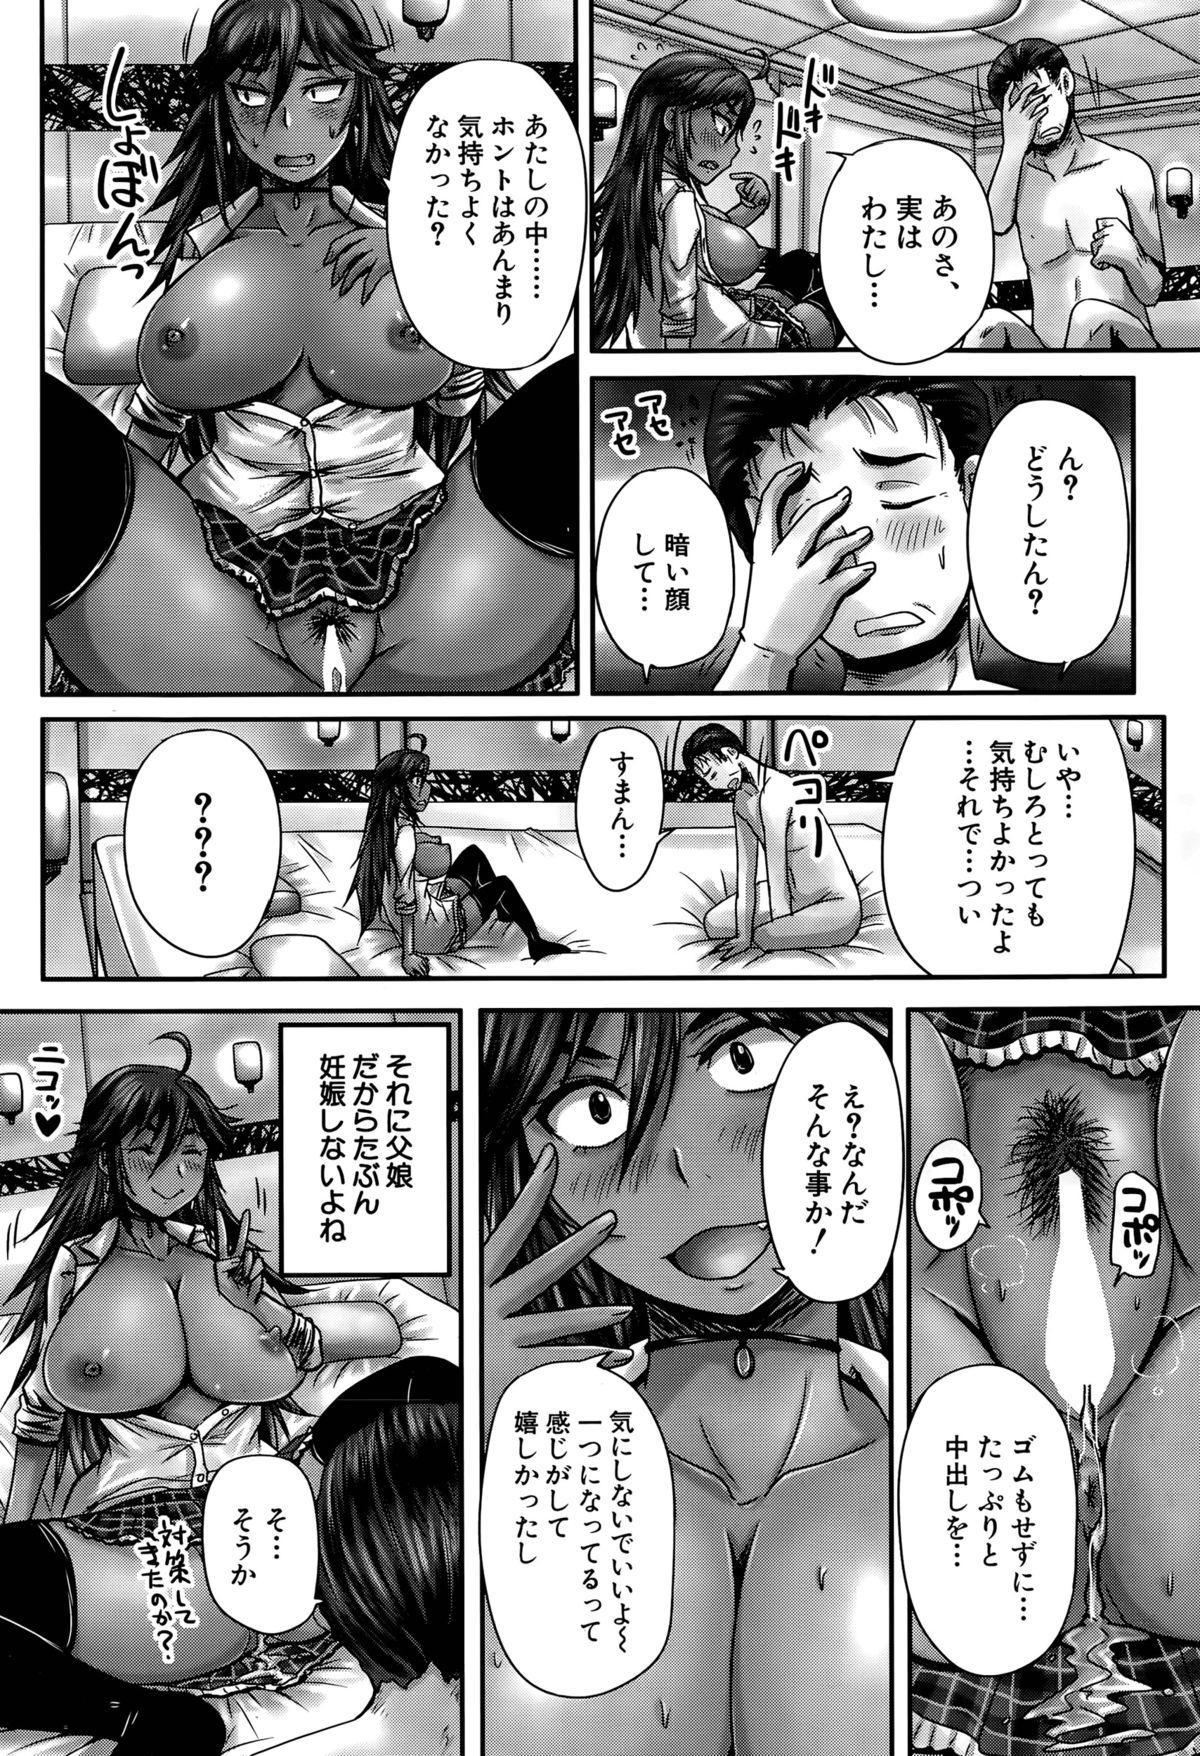 Hajimeteno Enjono Aitewa Ch. 1-2 27